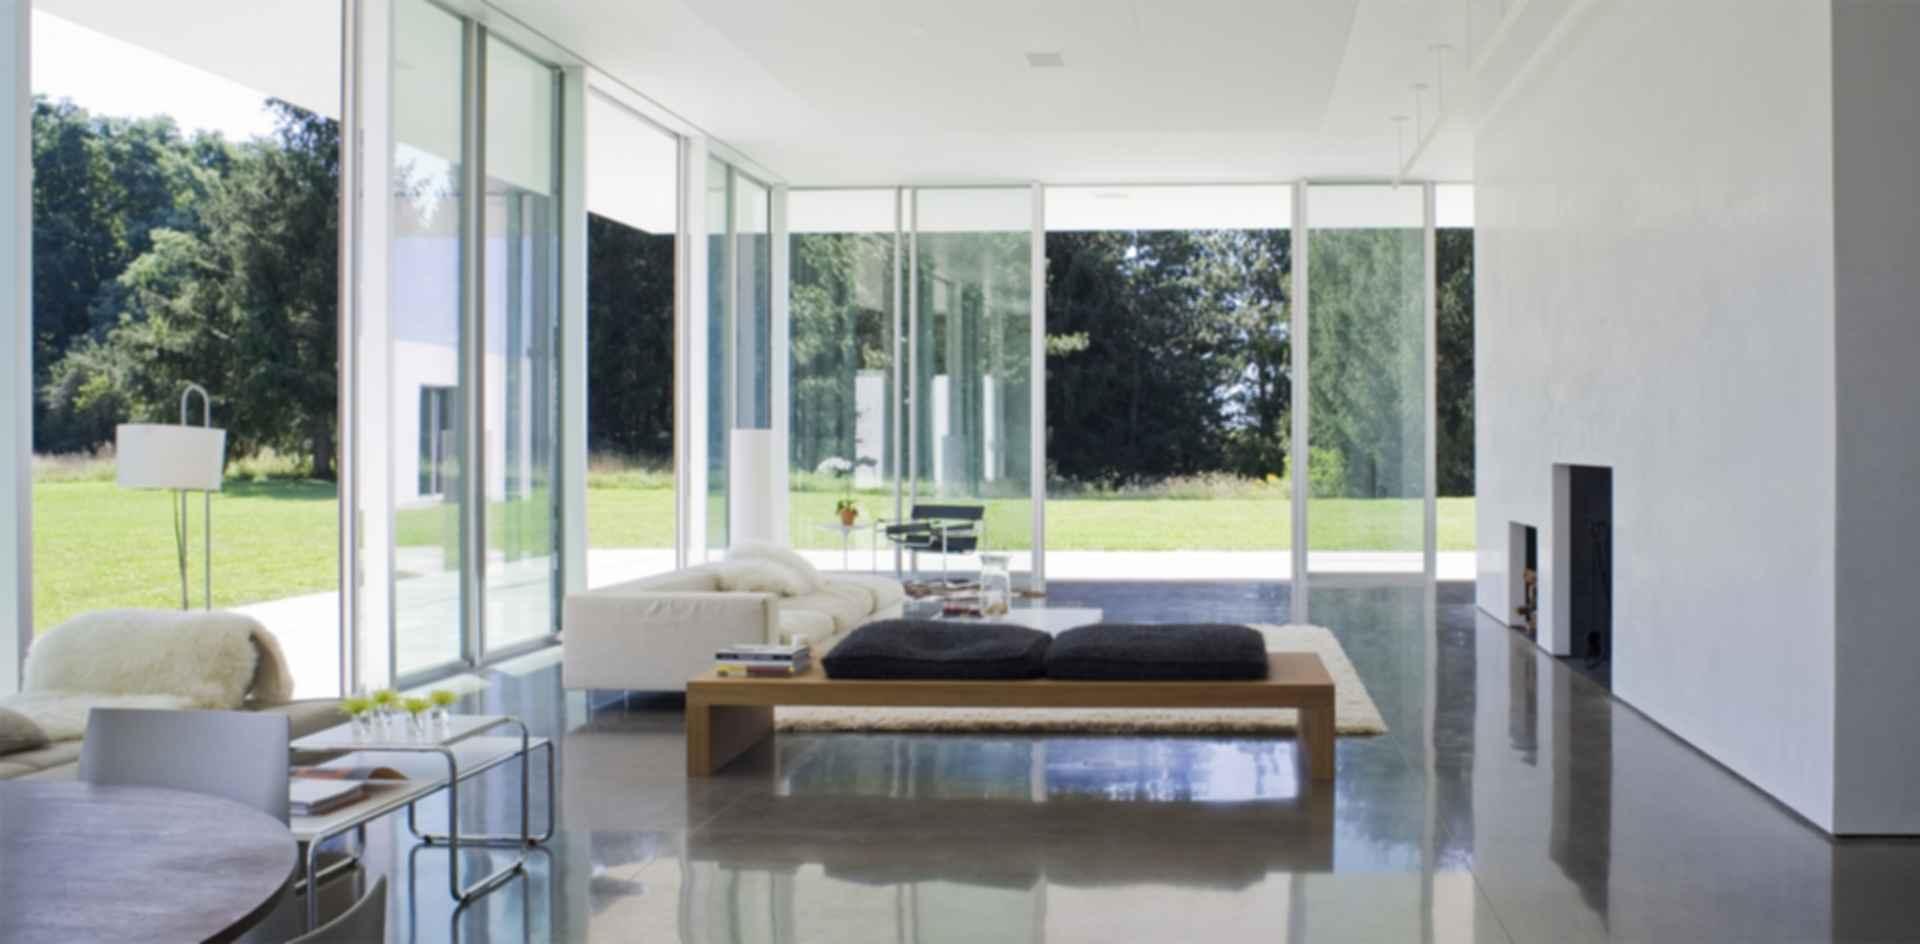 East Aurora Residence - Living Room